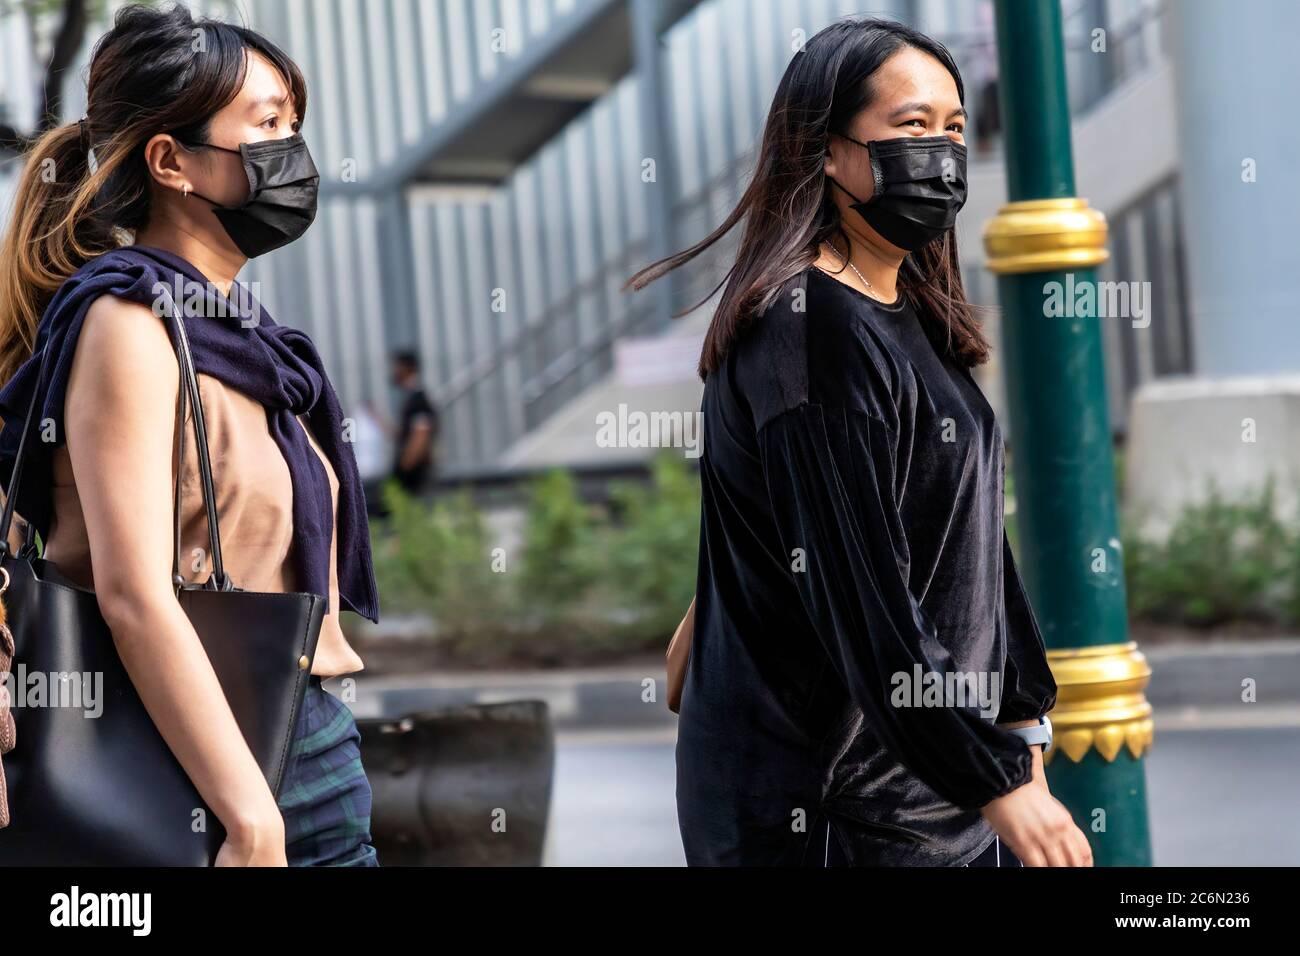 Femme portant un masque dans la rue pendant la pandémie de Covid 19, Sukhumvit, Bangkok, Thaïlande Banque D'Images